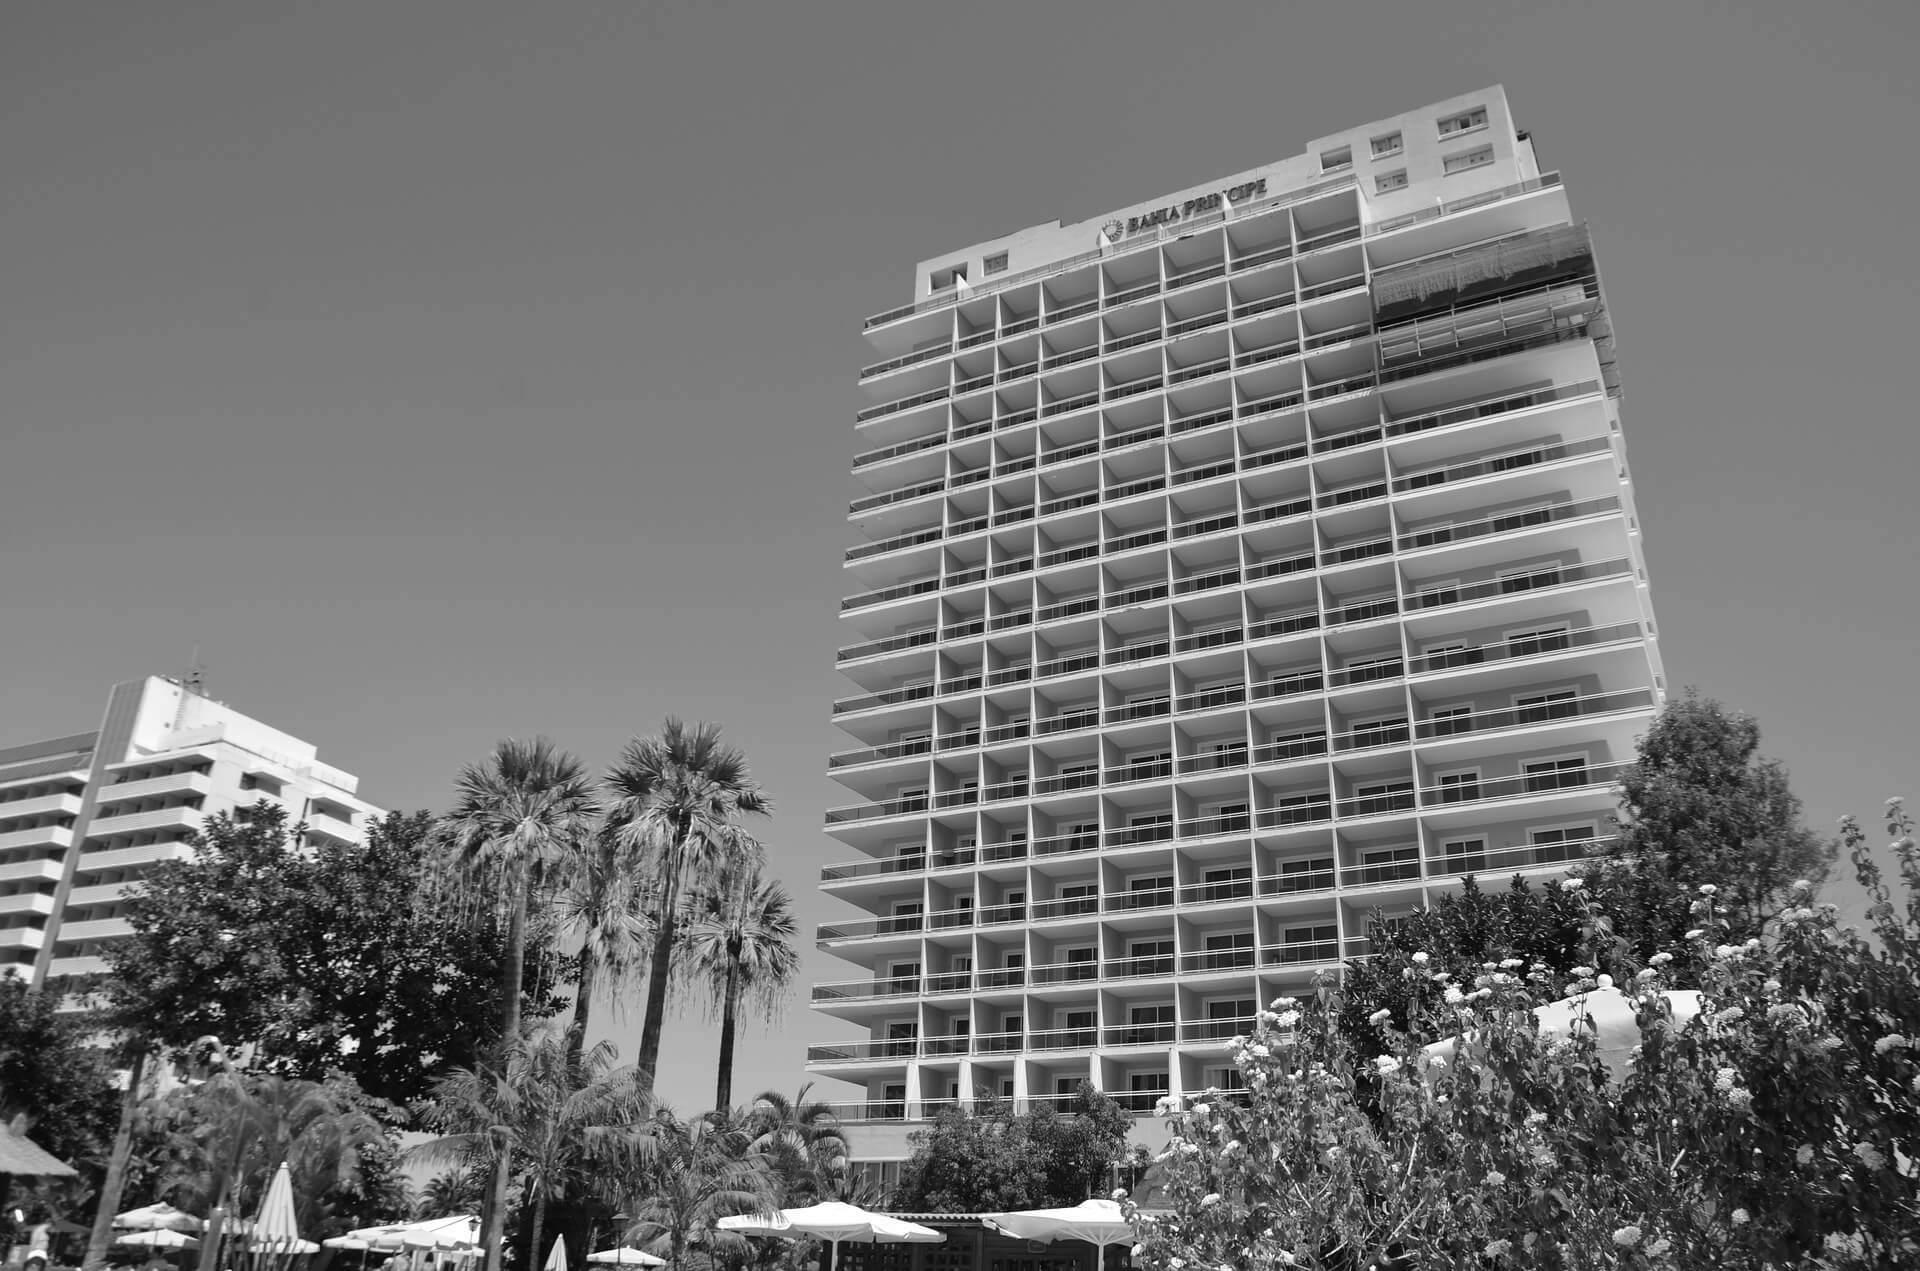 golden visa residencia espana abogados sur tenerife